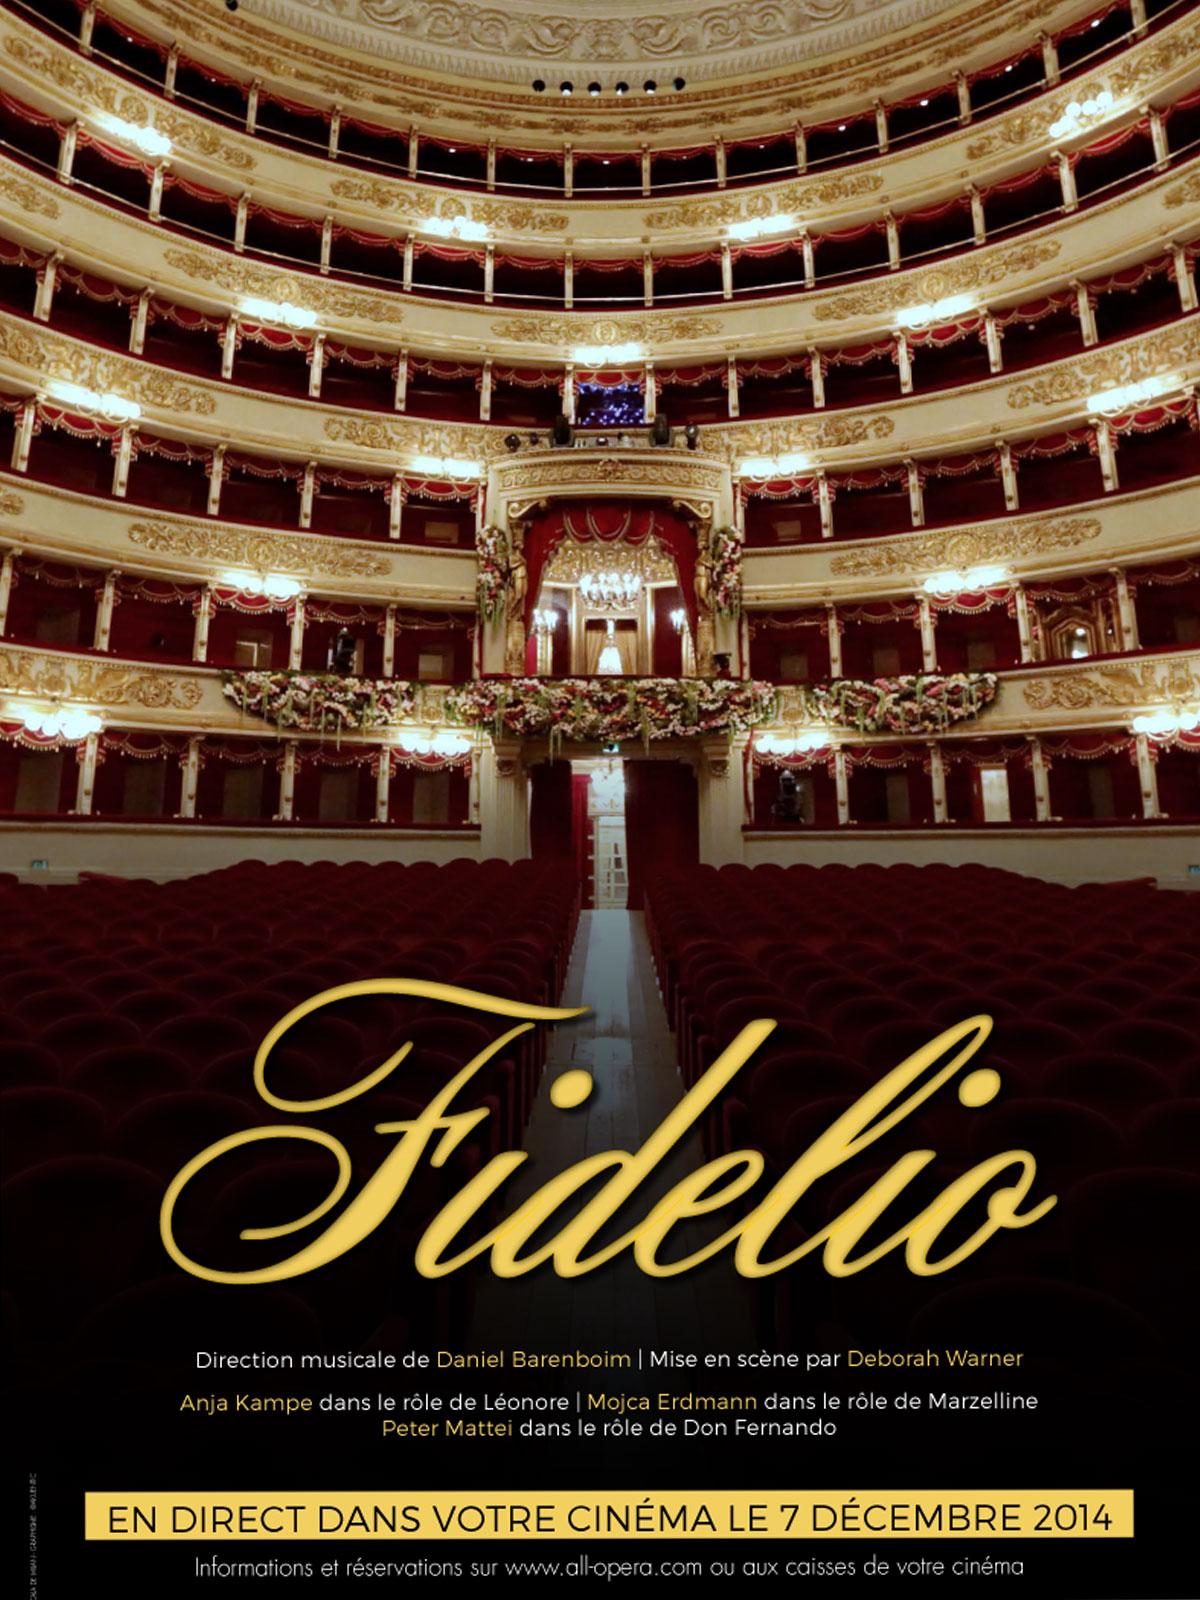 Fidelio (All Opera - Côté Diffusion)